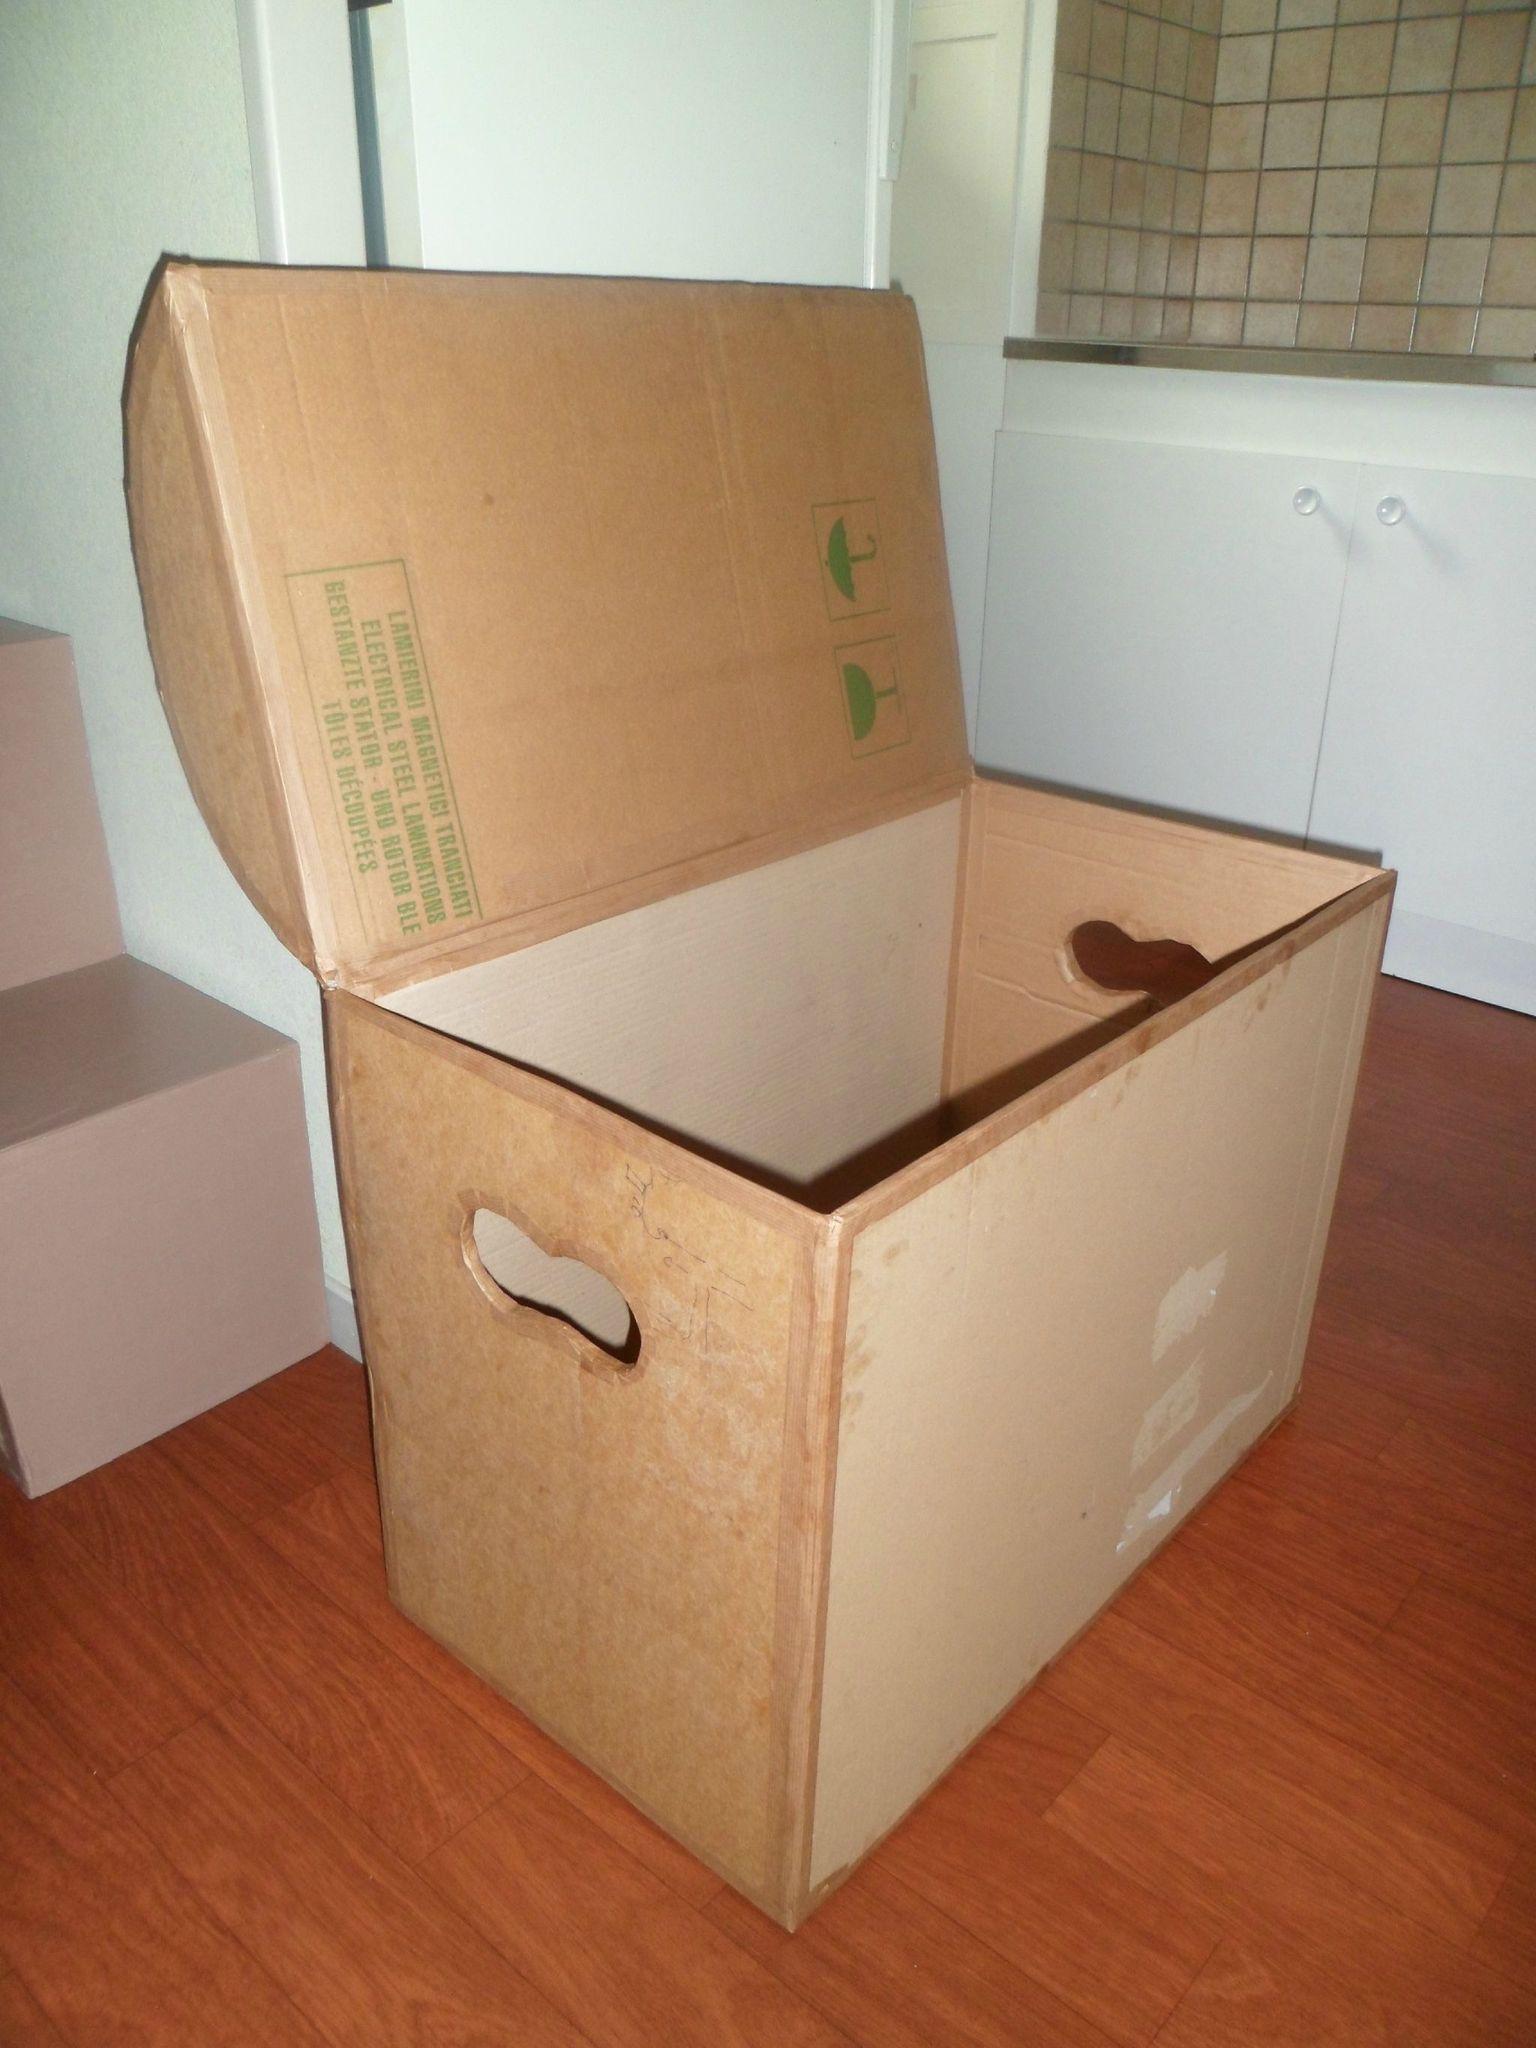 Coffre A Jouet En Carton Artesania De Carton Muebles De Carton Artesanias Con Caja De Carton